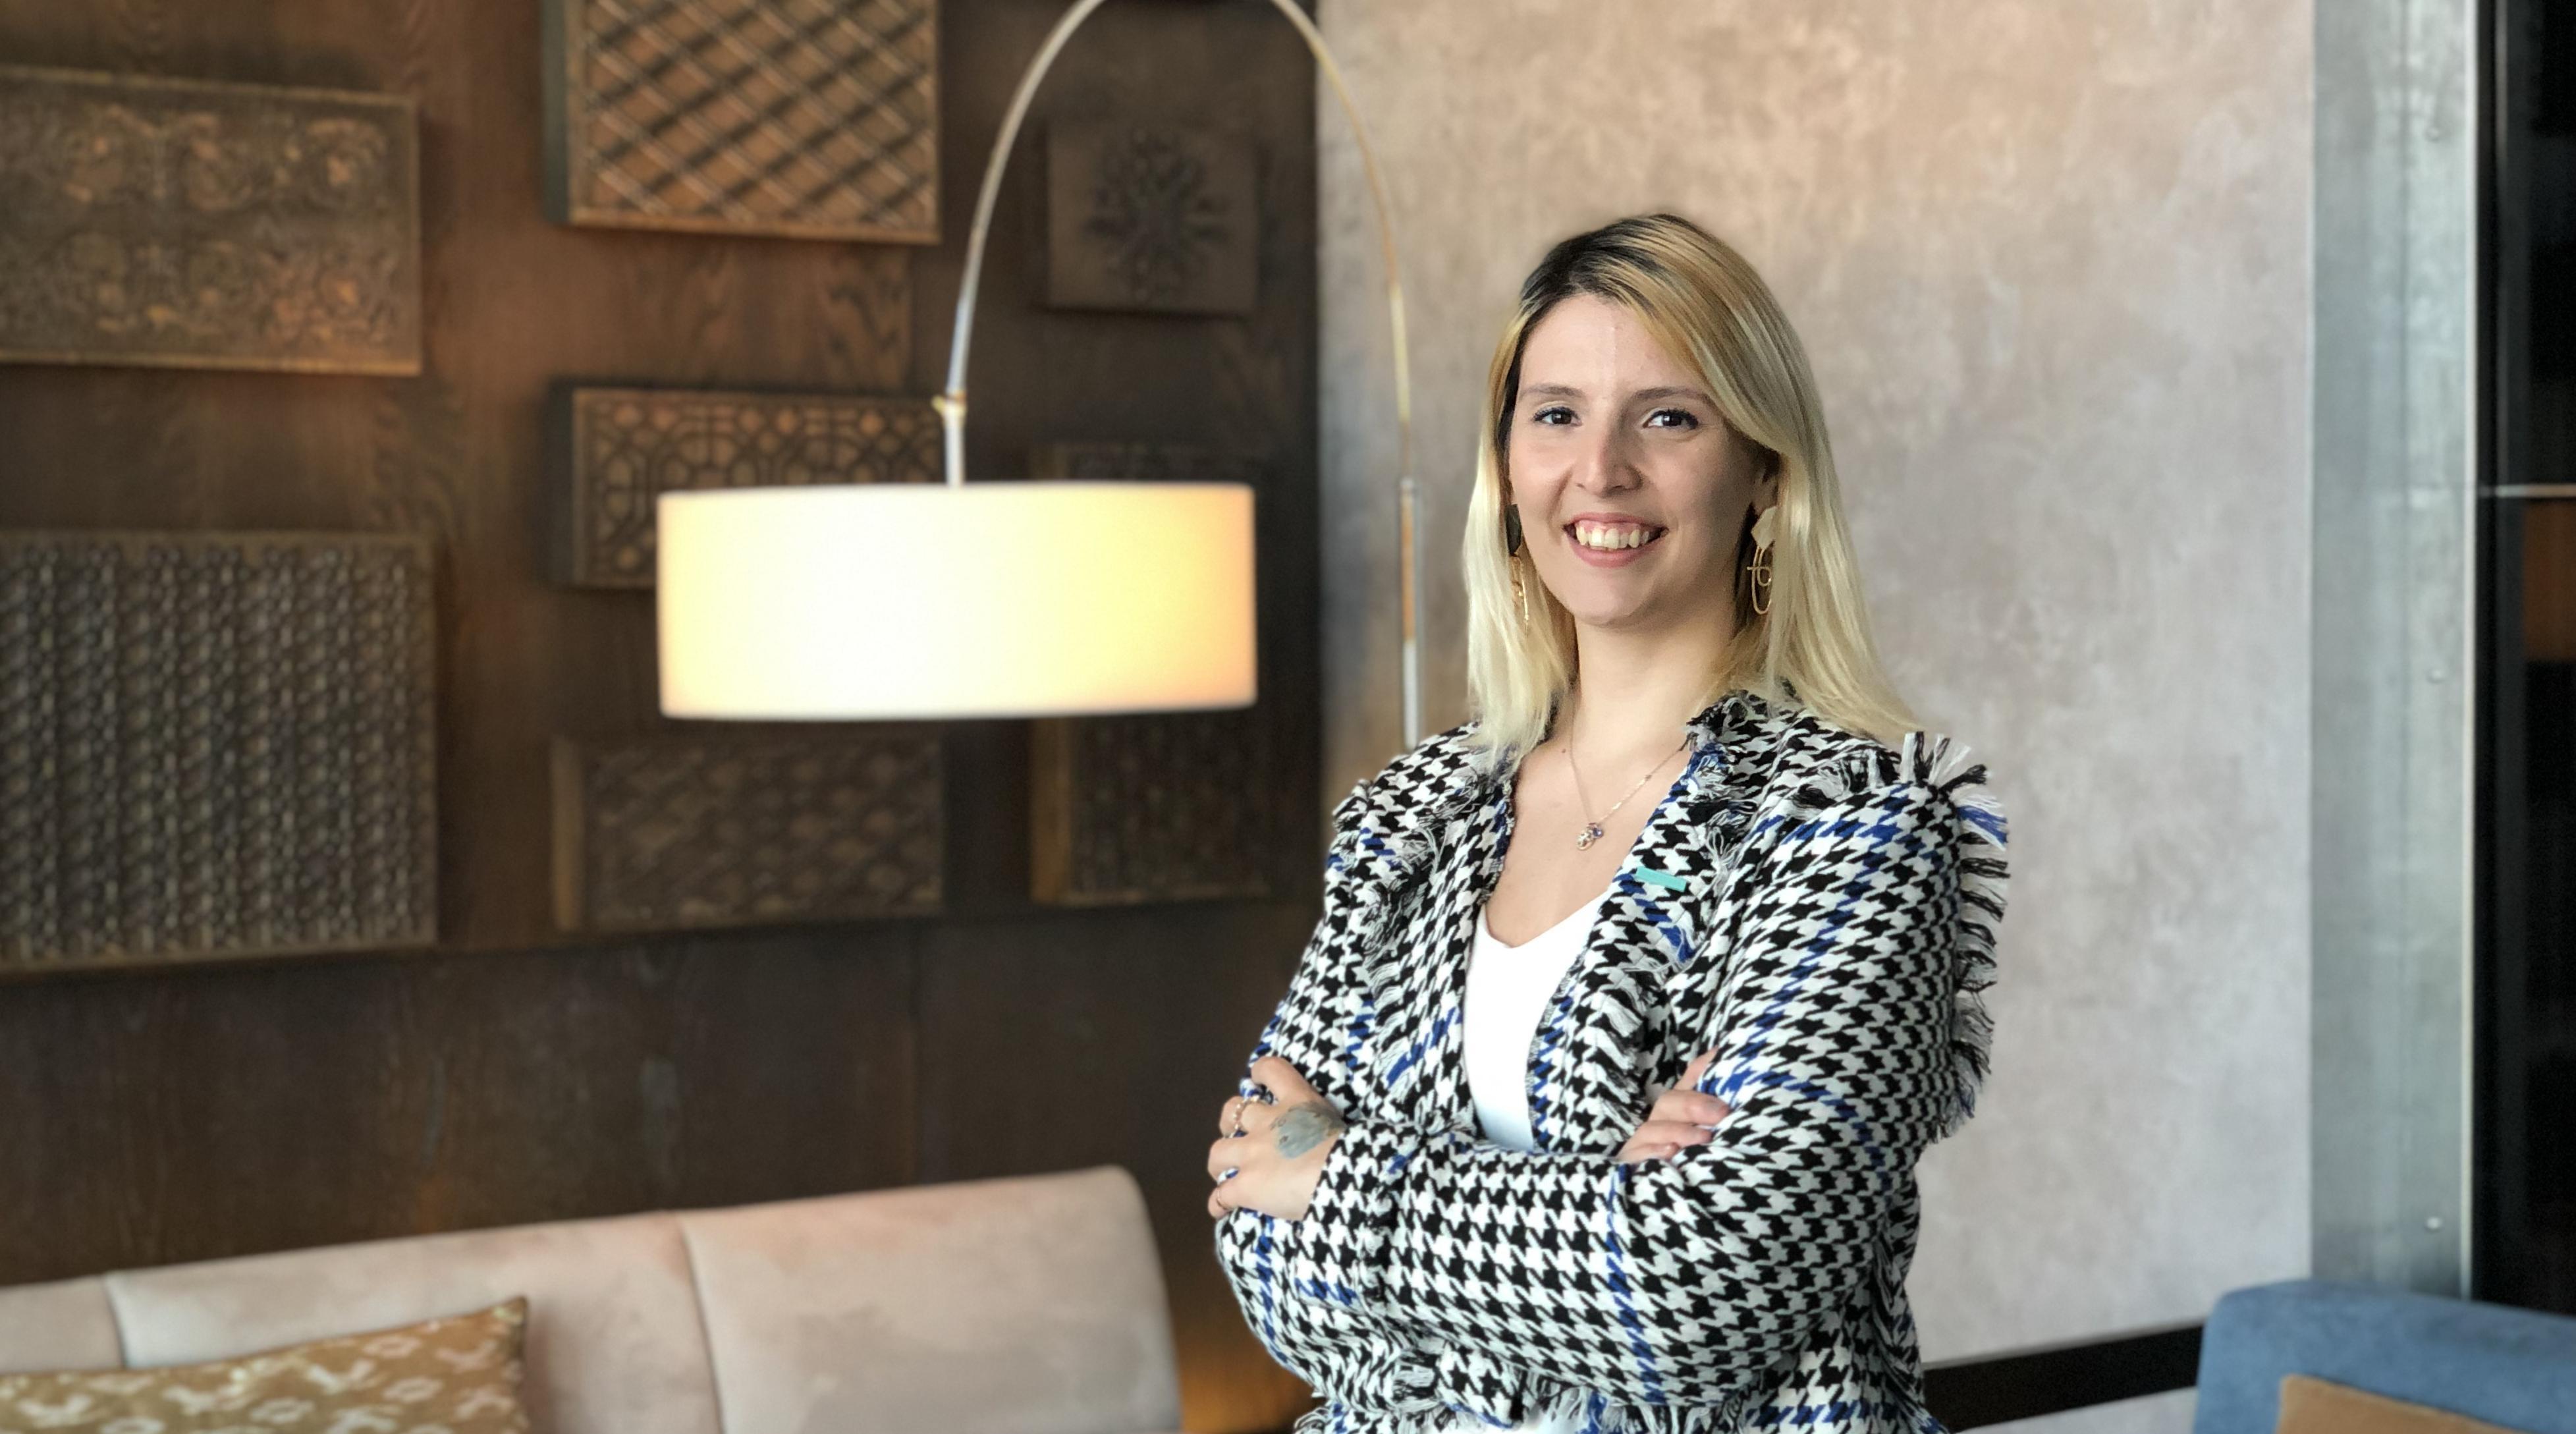 İstanbul Marriott Hotel Şişli ve Le Meridien İstanbul Etiler Otellerinden Sorumlu Pazarlama Müdürü Şeymah Osoy Özsalgır Oldu